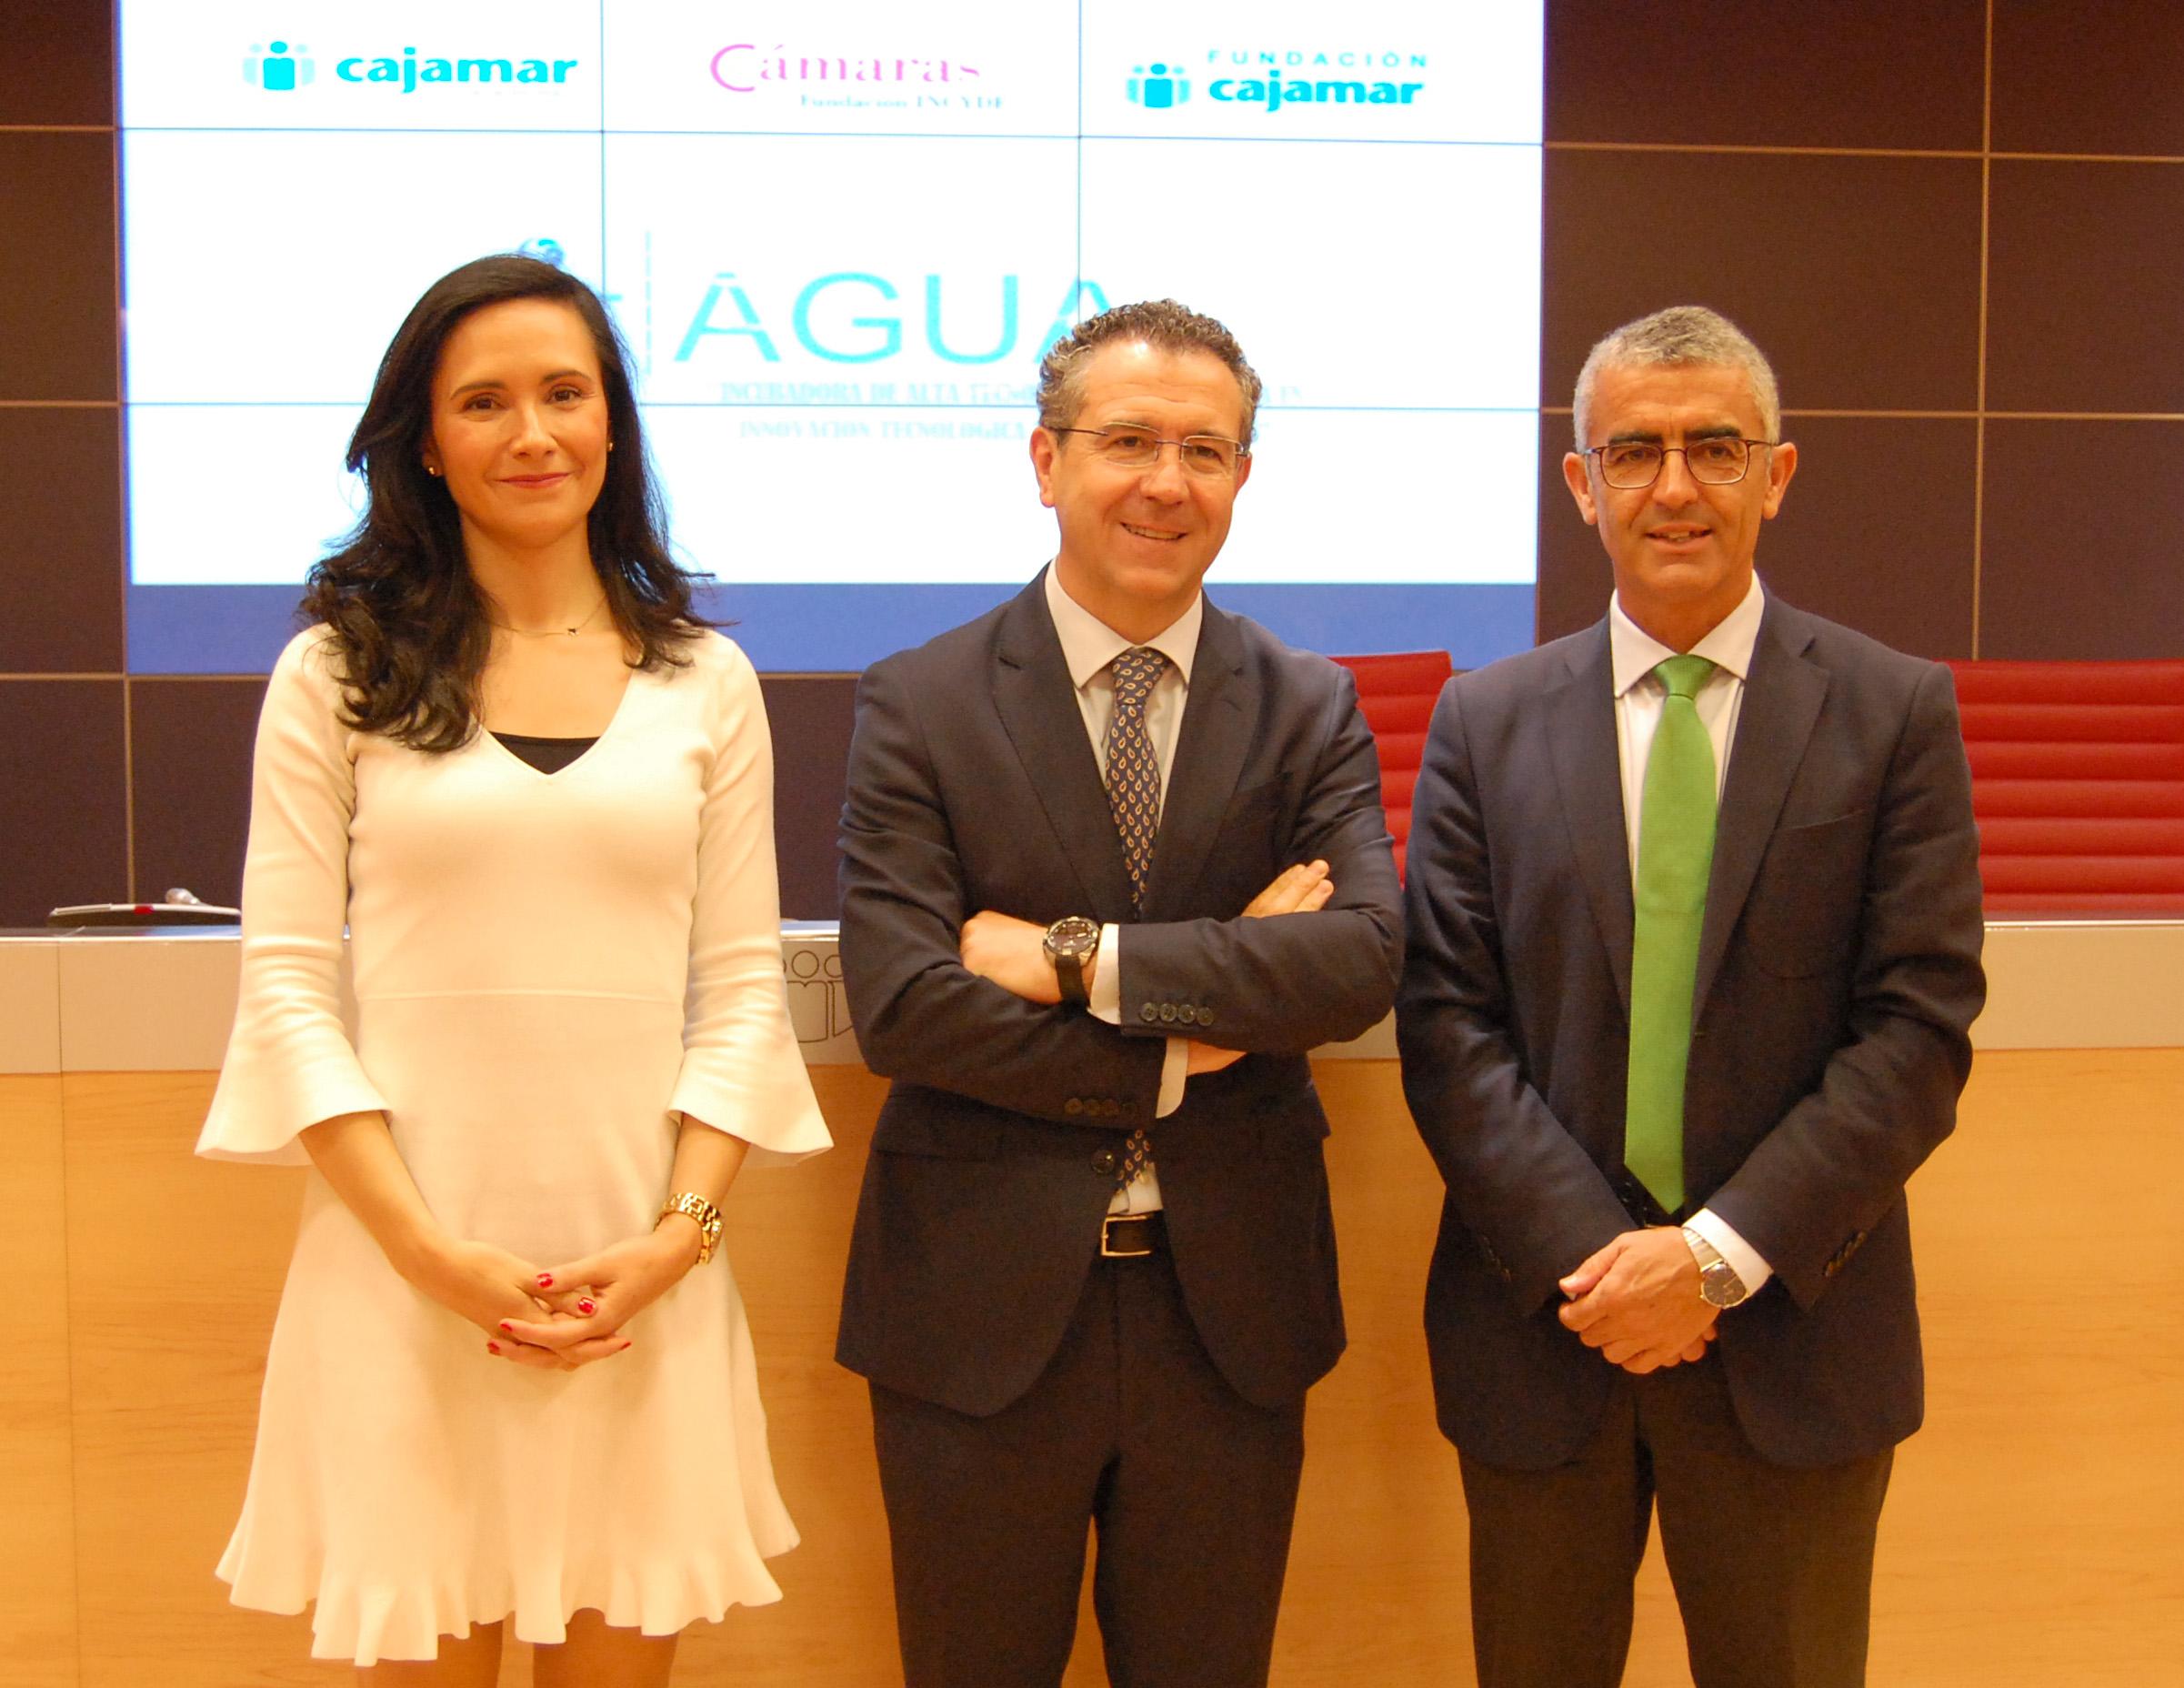 Cajamar - Natalia Vázquez, Eduardo Baamonde y Roberto García